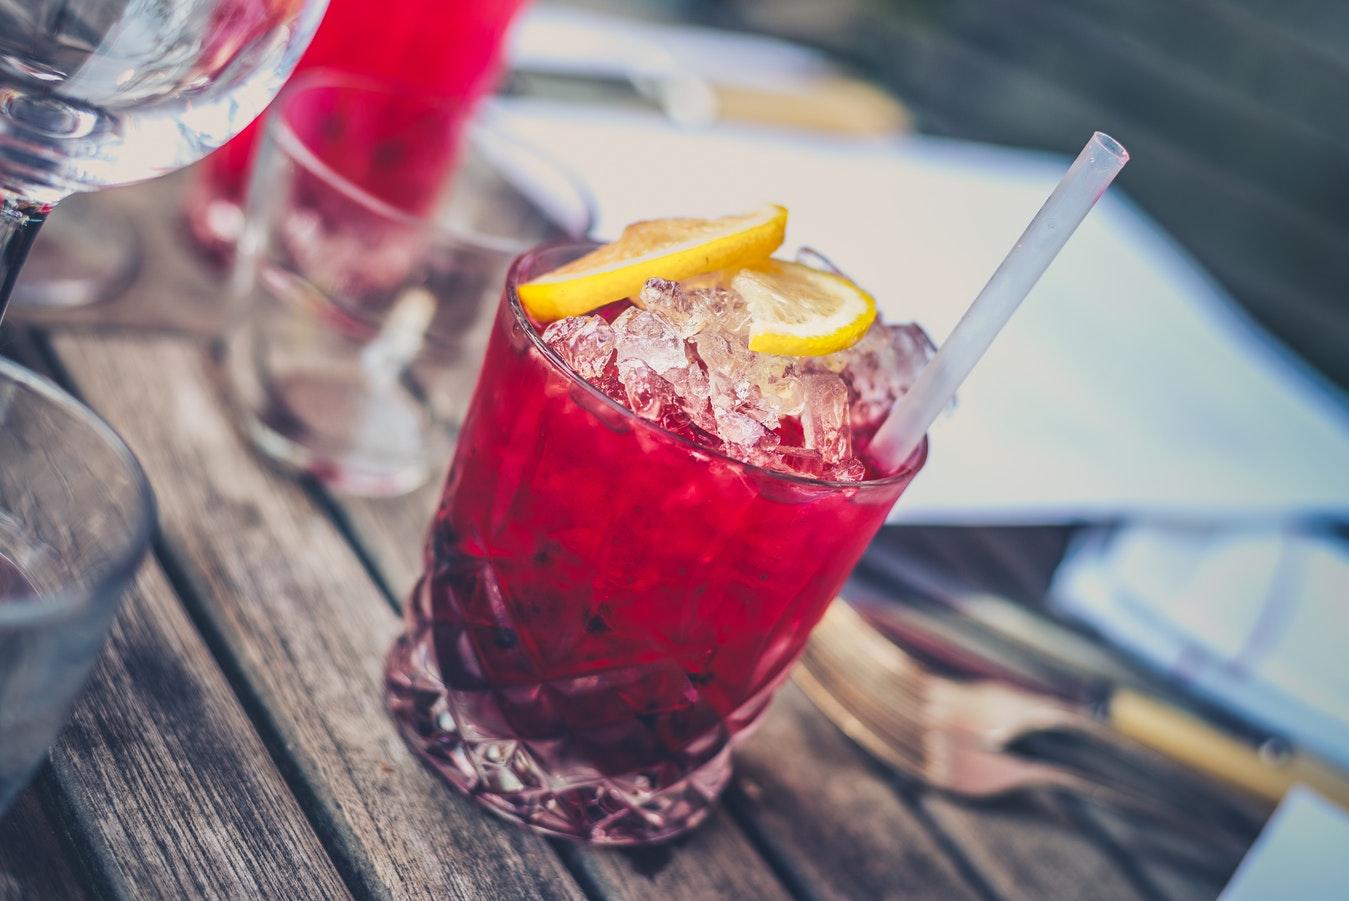 Malibu Twilight - najlepszy drink z owocami i rumem Malibu w 5 min.